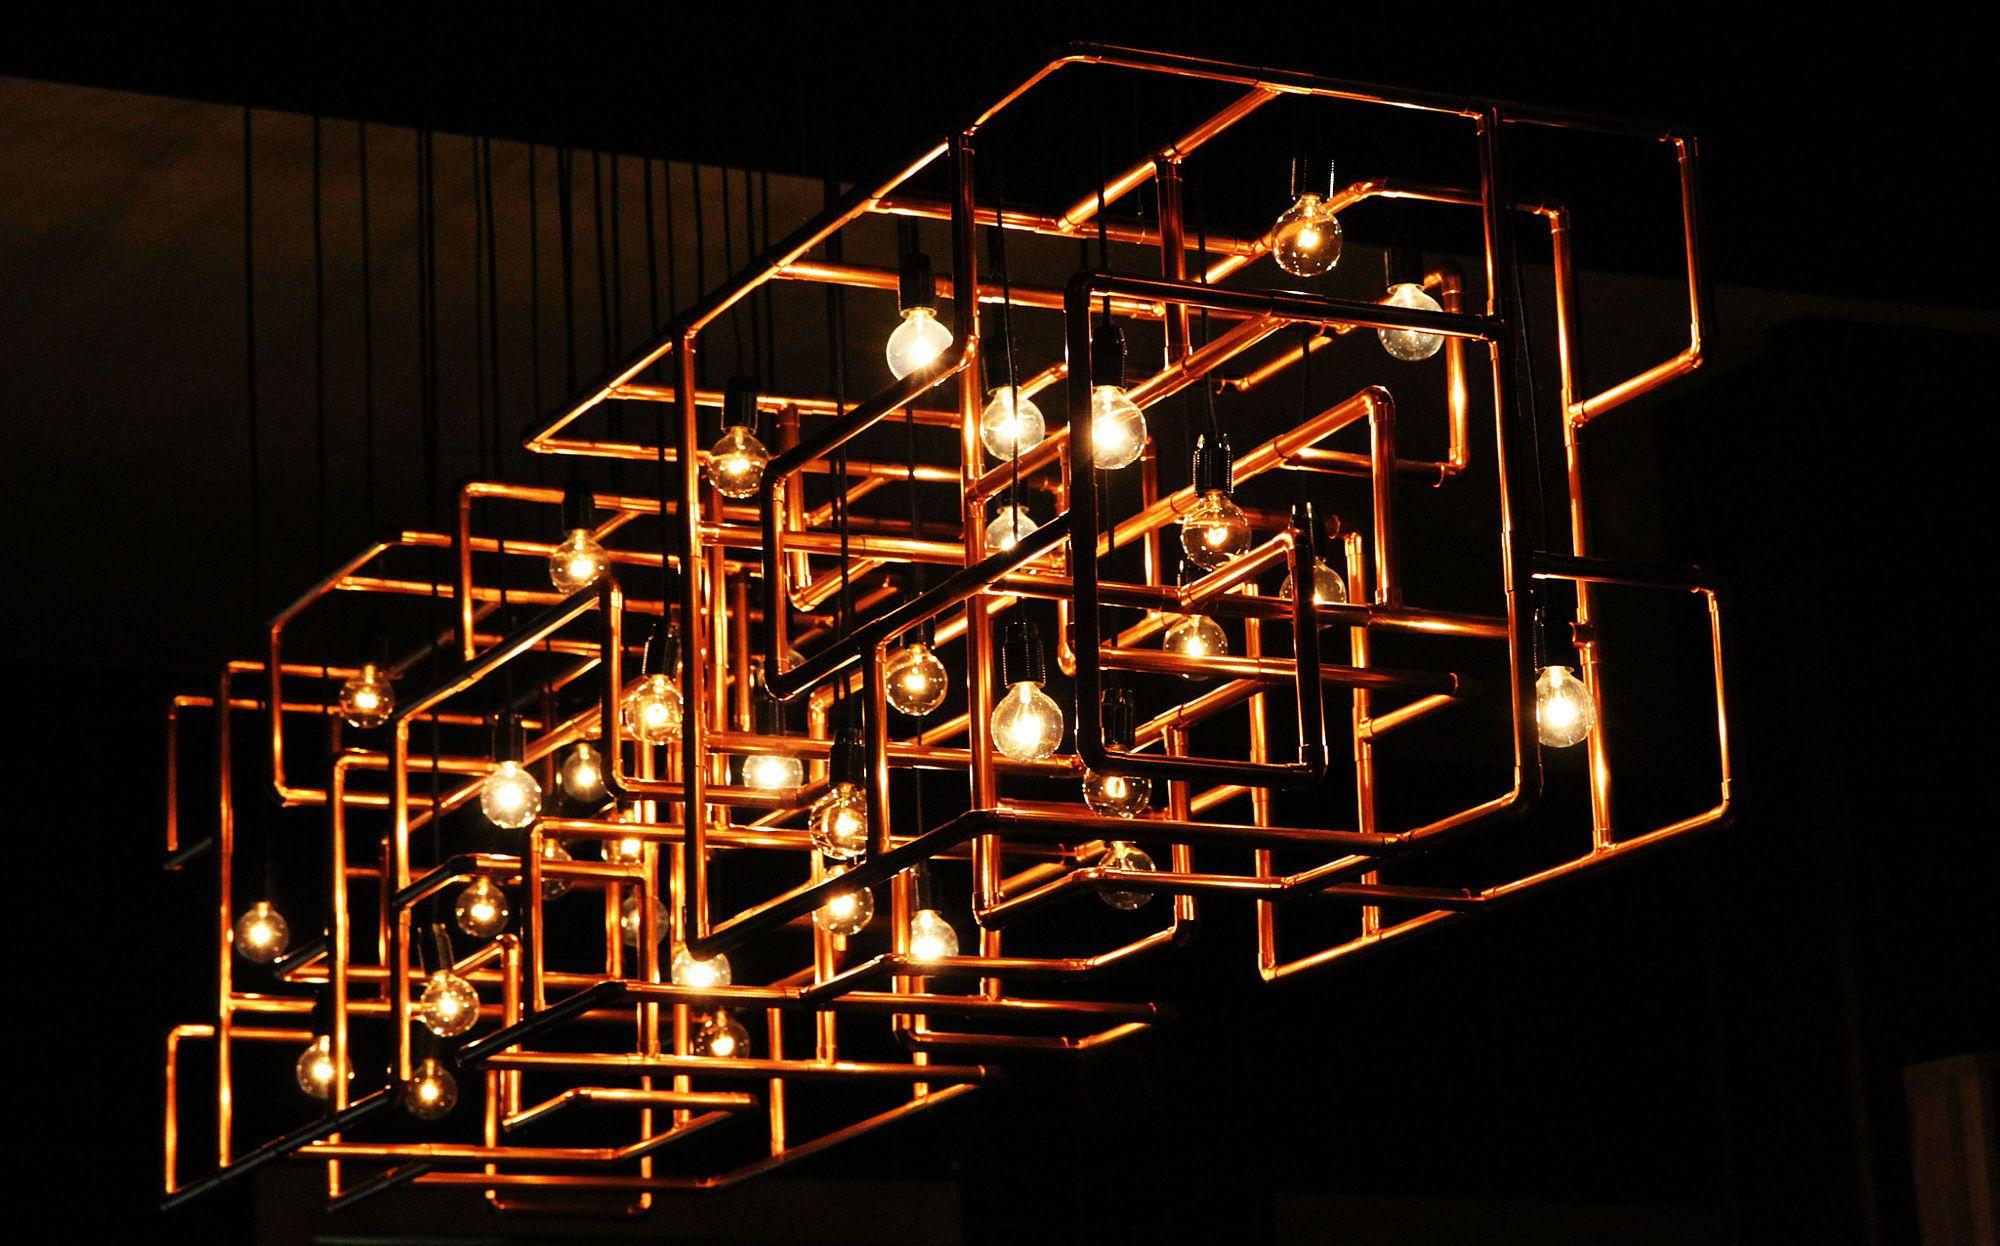 Restaurant light fixture copper pipes cu create in 2019 copper